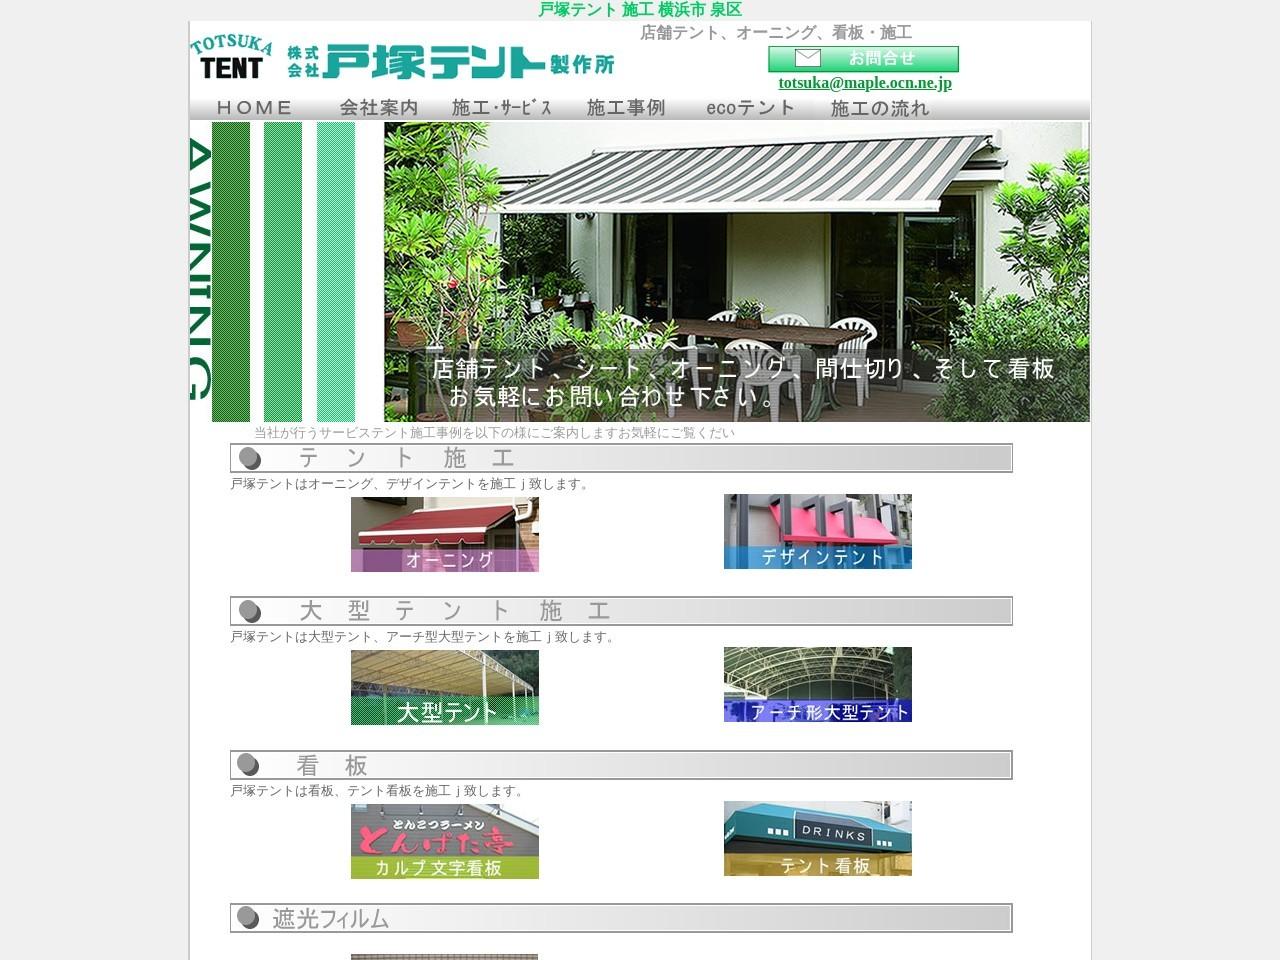 株式会社戸塚テント製作所